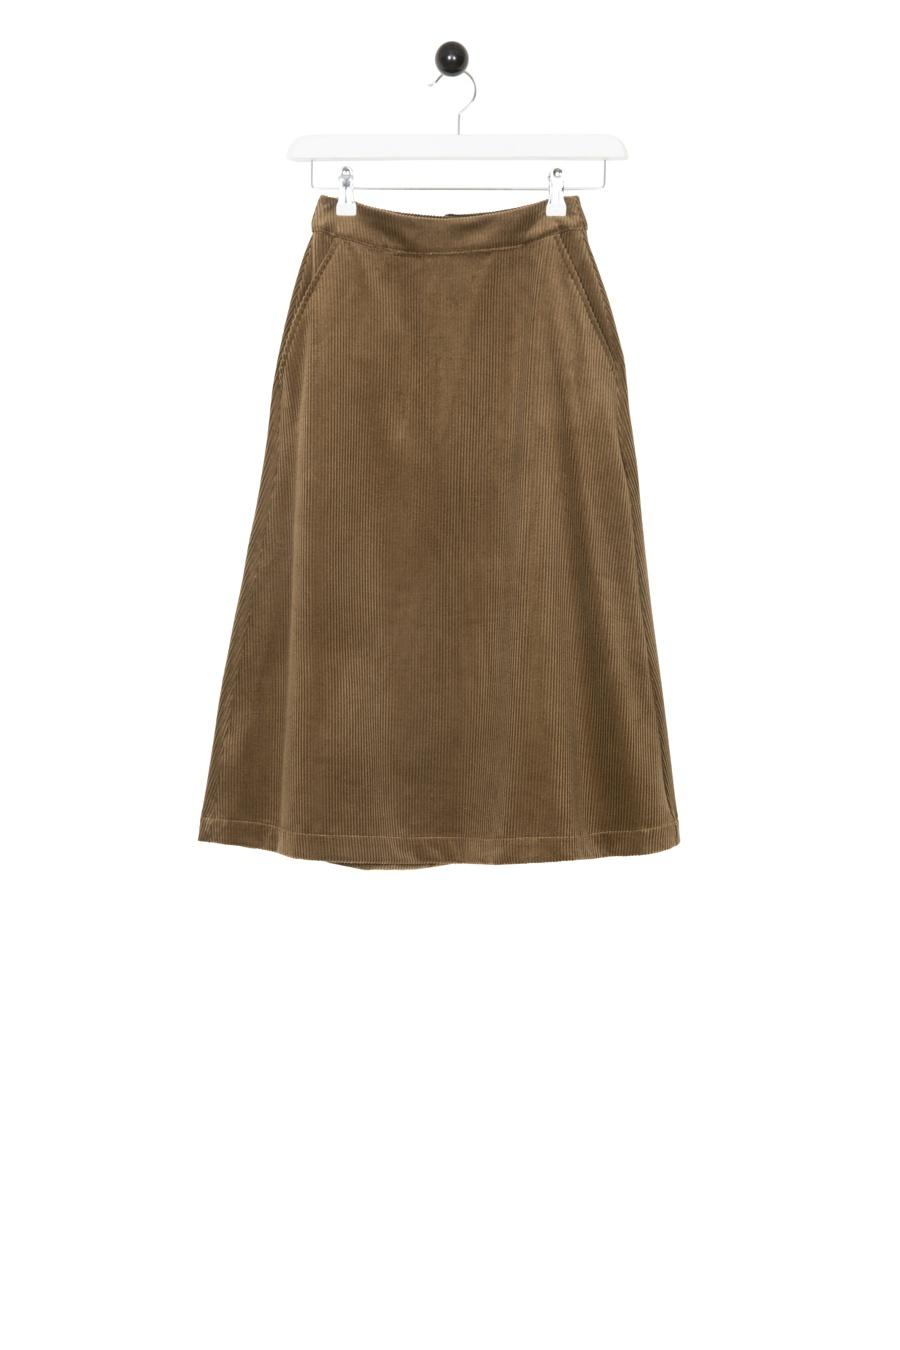 Return Falk Skirt